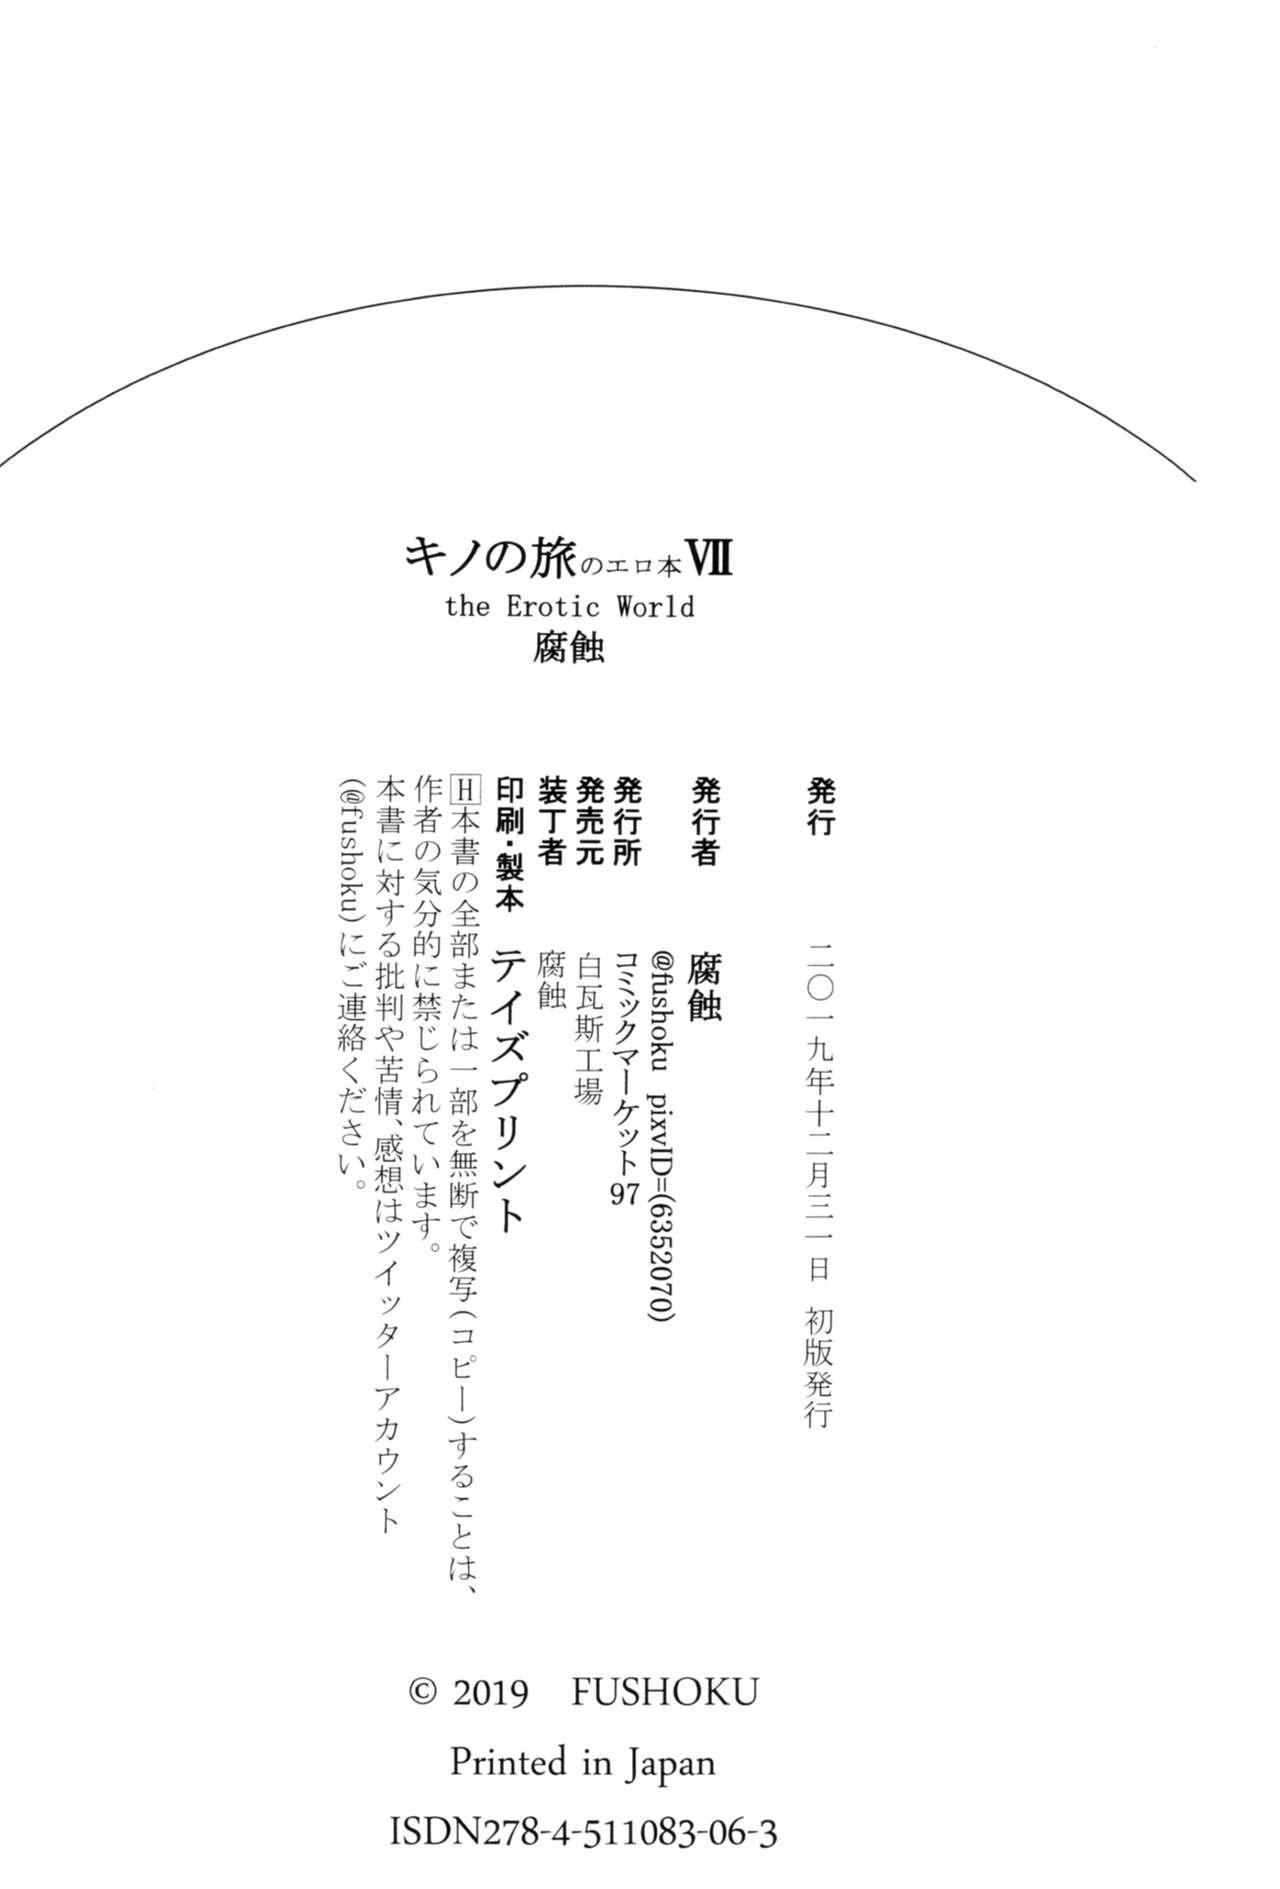 Kino no Tabi no Erohon VII - the Erotic World 20